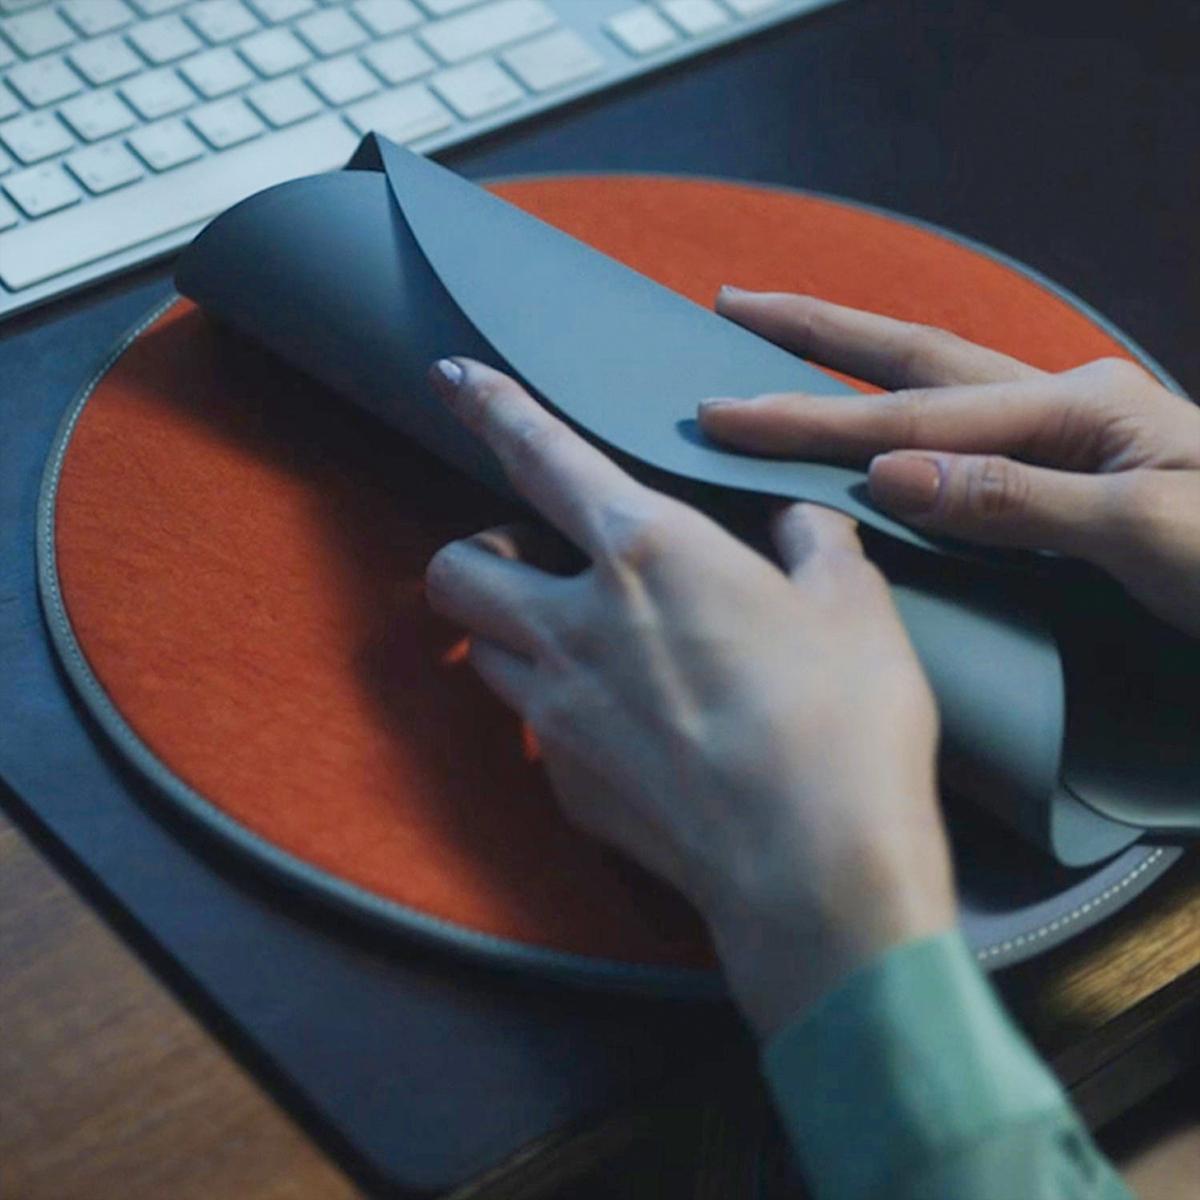 事故や火災などのトラブルを防ぐ、ふたつの安全システムも必見。オフィス・旅行・アウトドアに!開発に10年かけた、インクで安全発熱するシート型ヒーター「USB式温熱マット」|INKO(インコ)